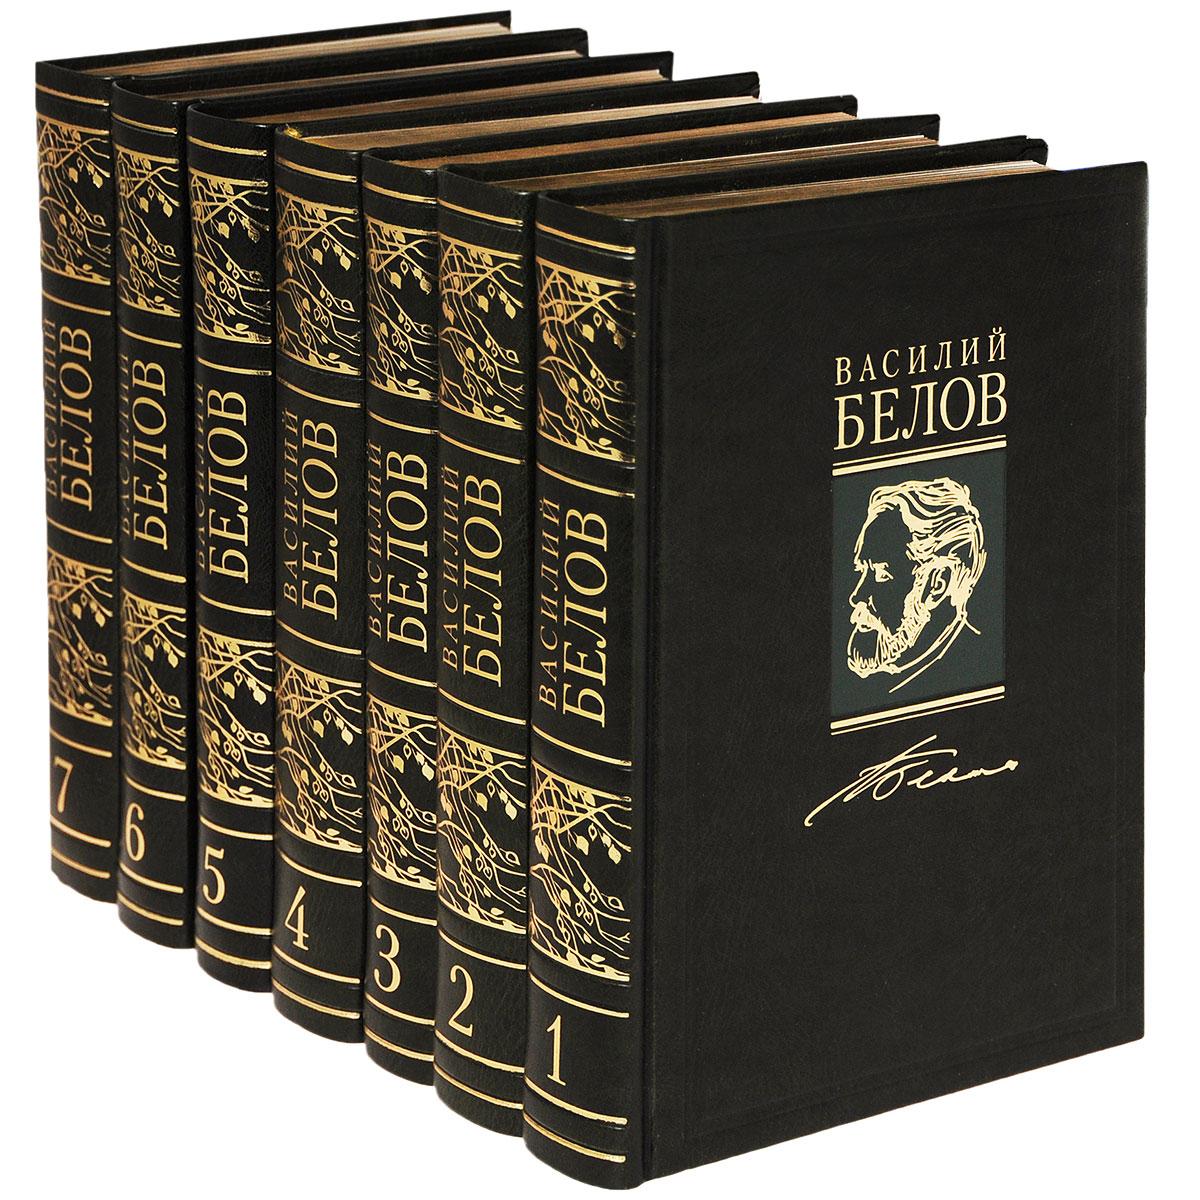 Василий Белов Василий Белов. Собрание сочинений в 7 томах (комплект из 7 книг)